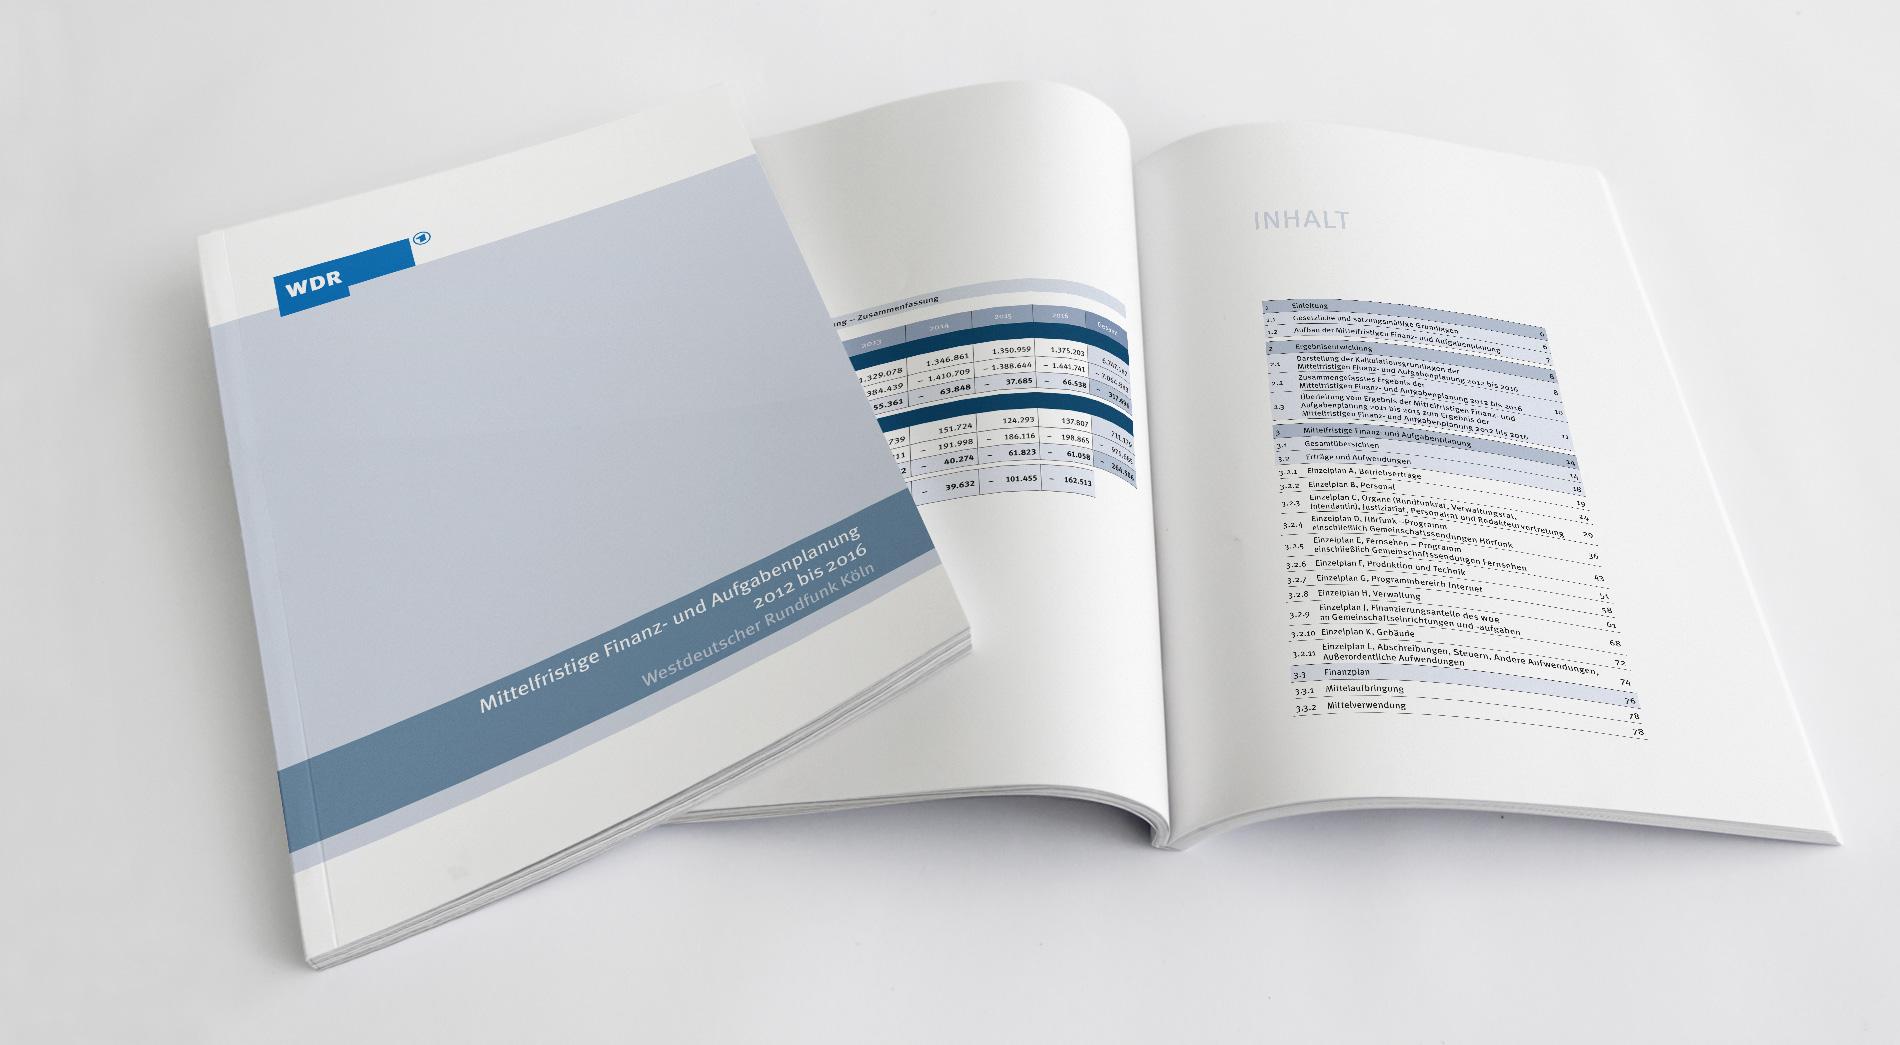 WDR Finanzpublikationen 2012, Mittelfristige Finanz- und Aufgabenplanung 2012 bis 2016, Titel